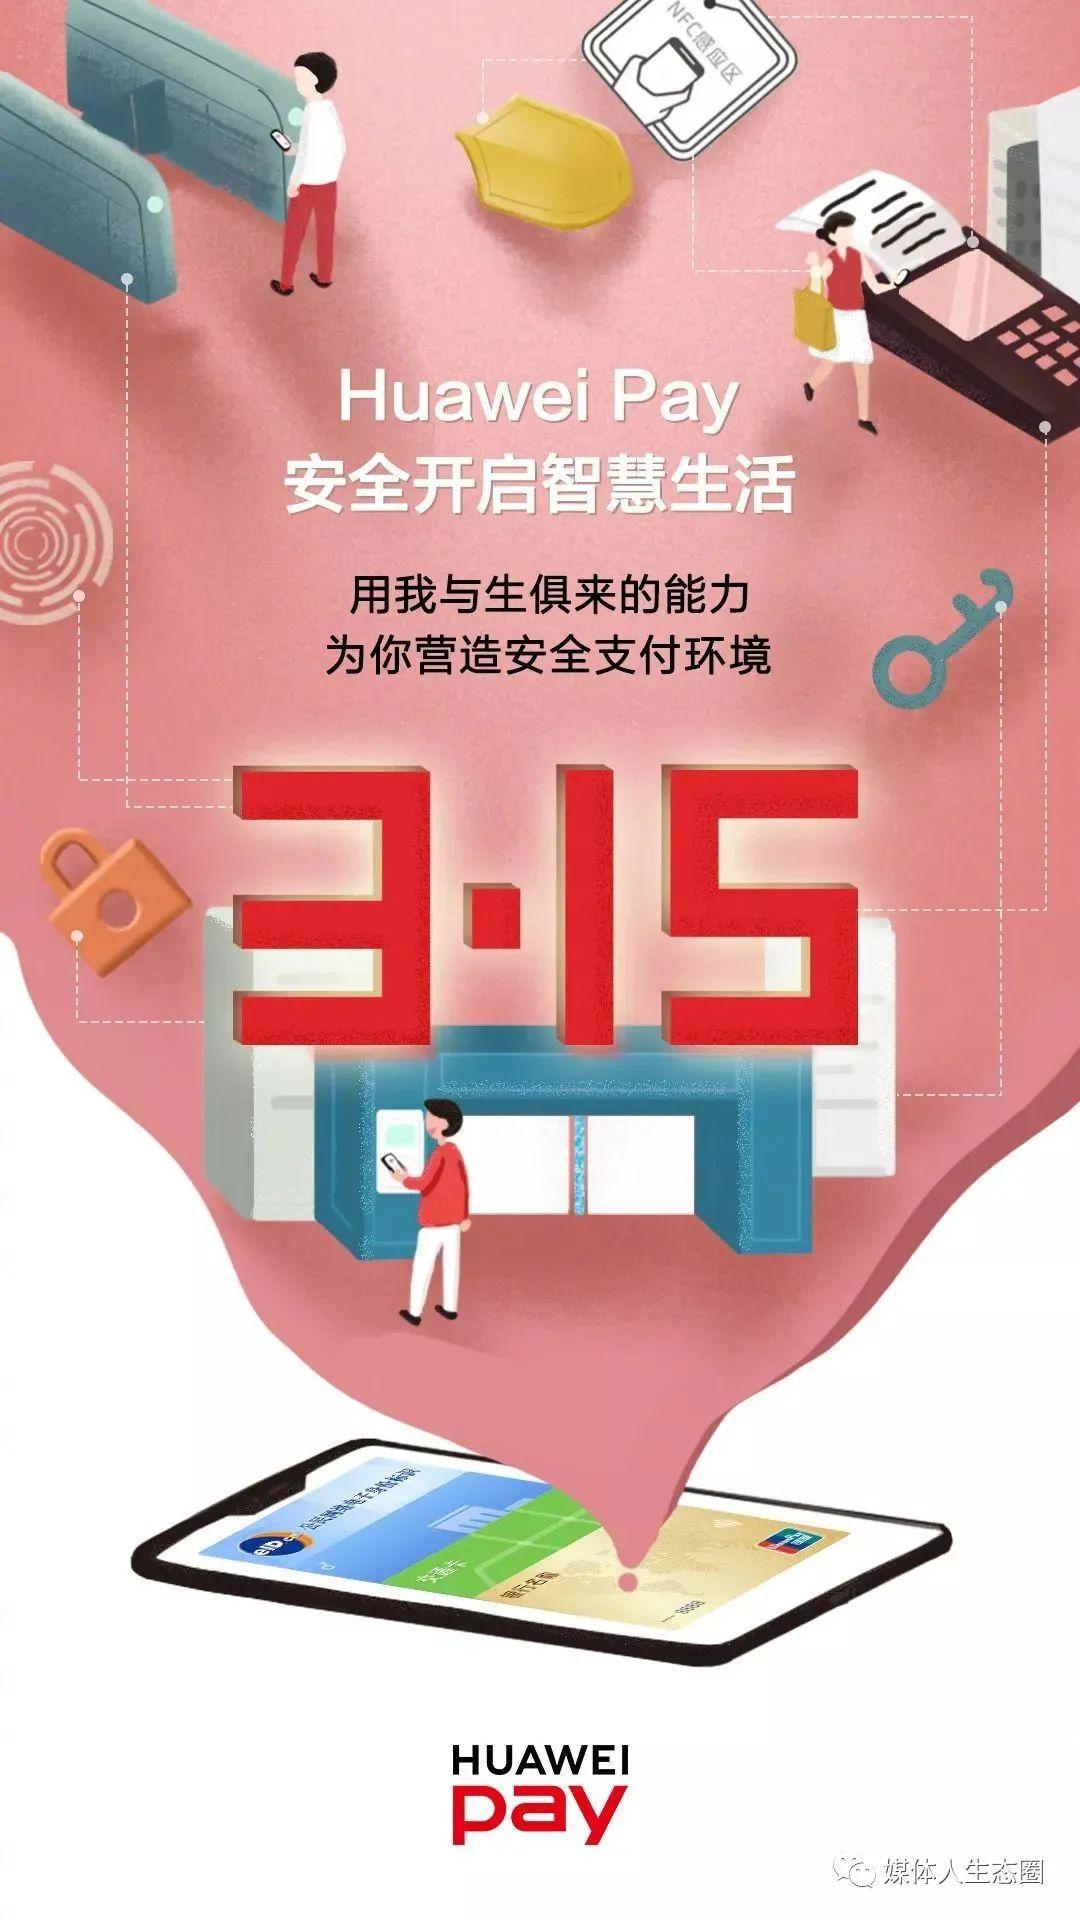 315消费者权益日,各品牌借势海报精选文案欣赏: 让消费者放心!插图24